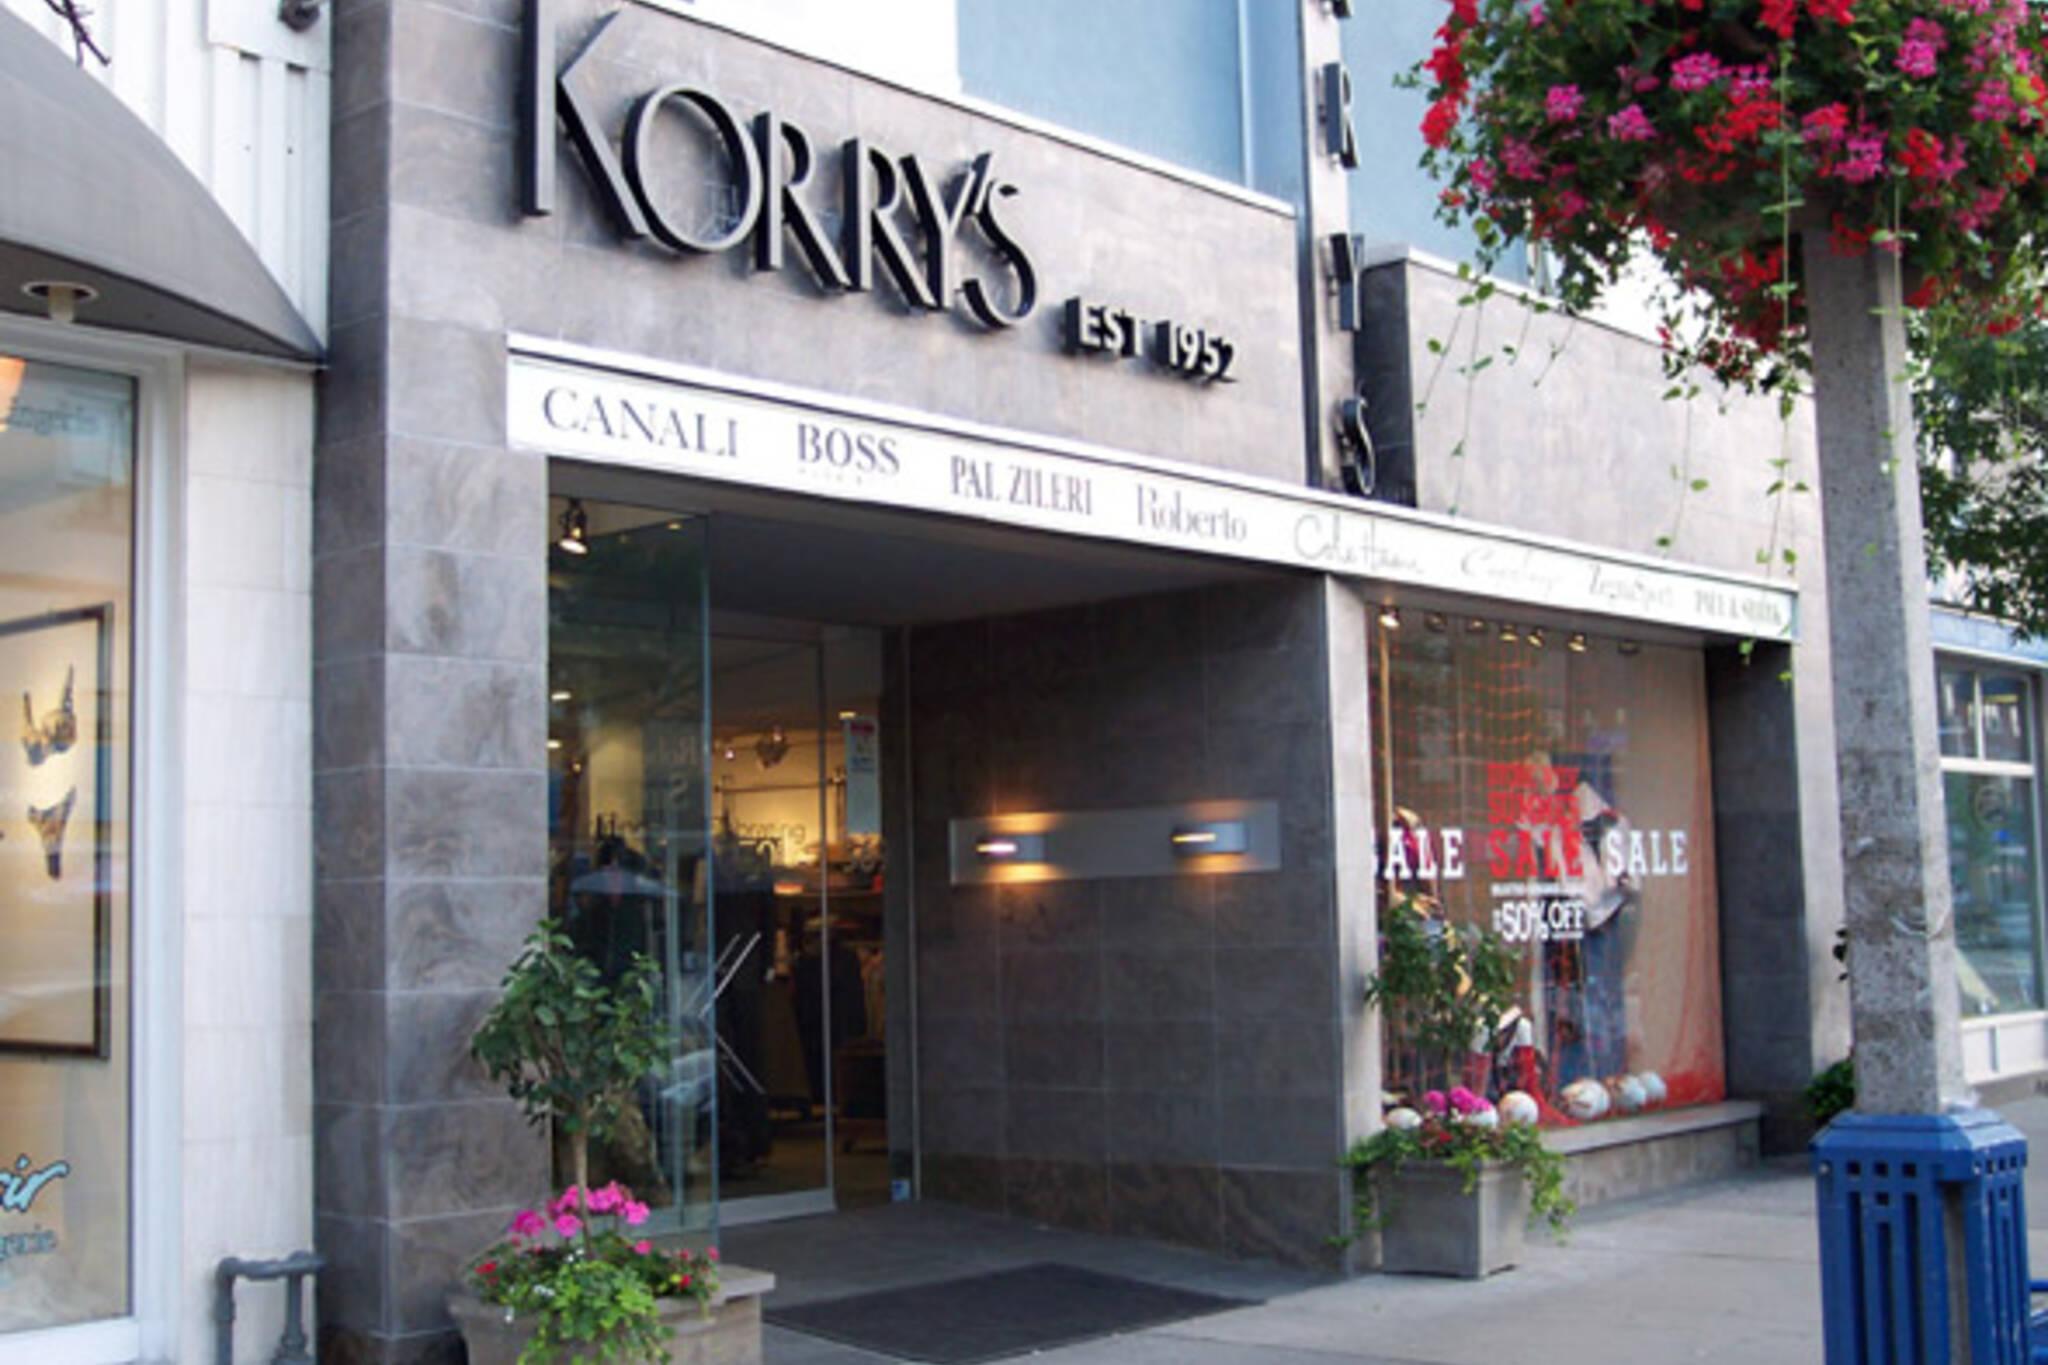 Korry's